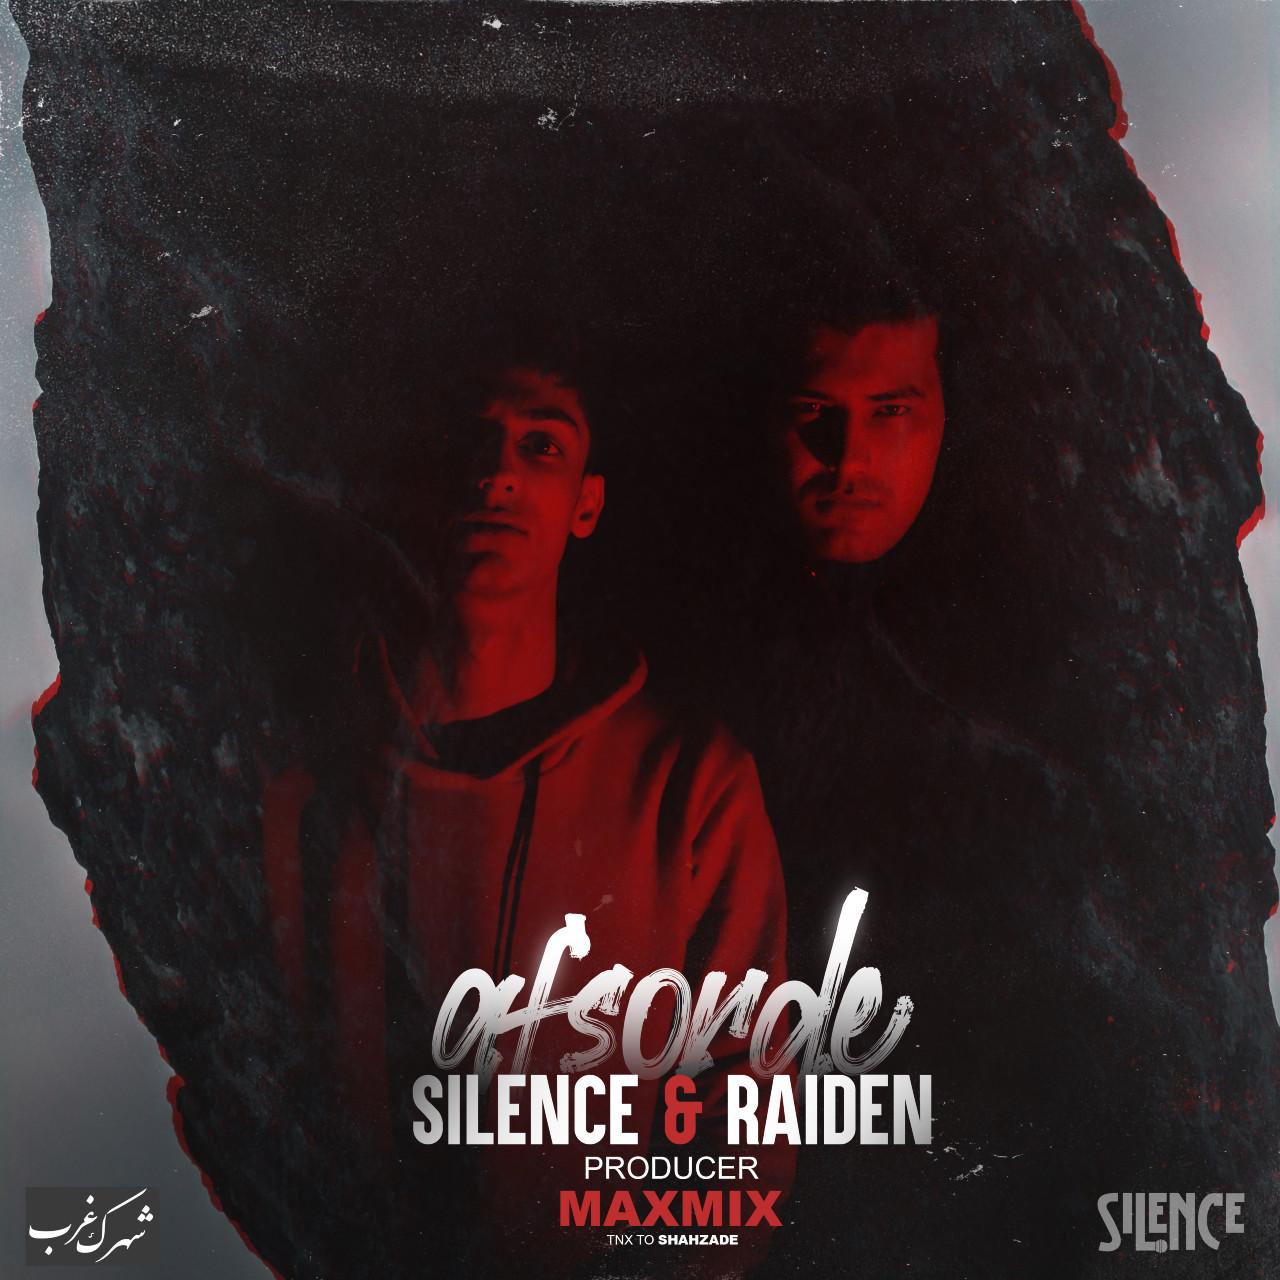 Silence & Raiden - Afsorde